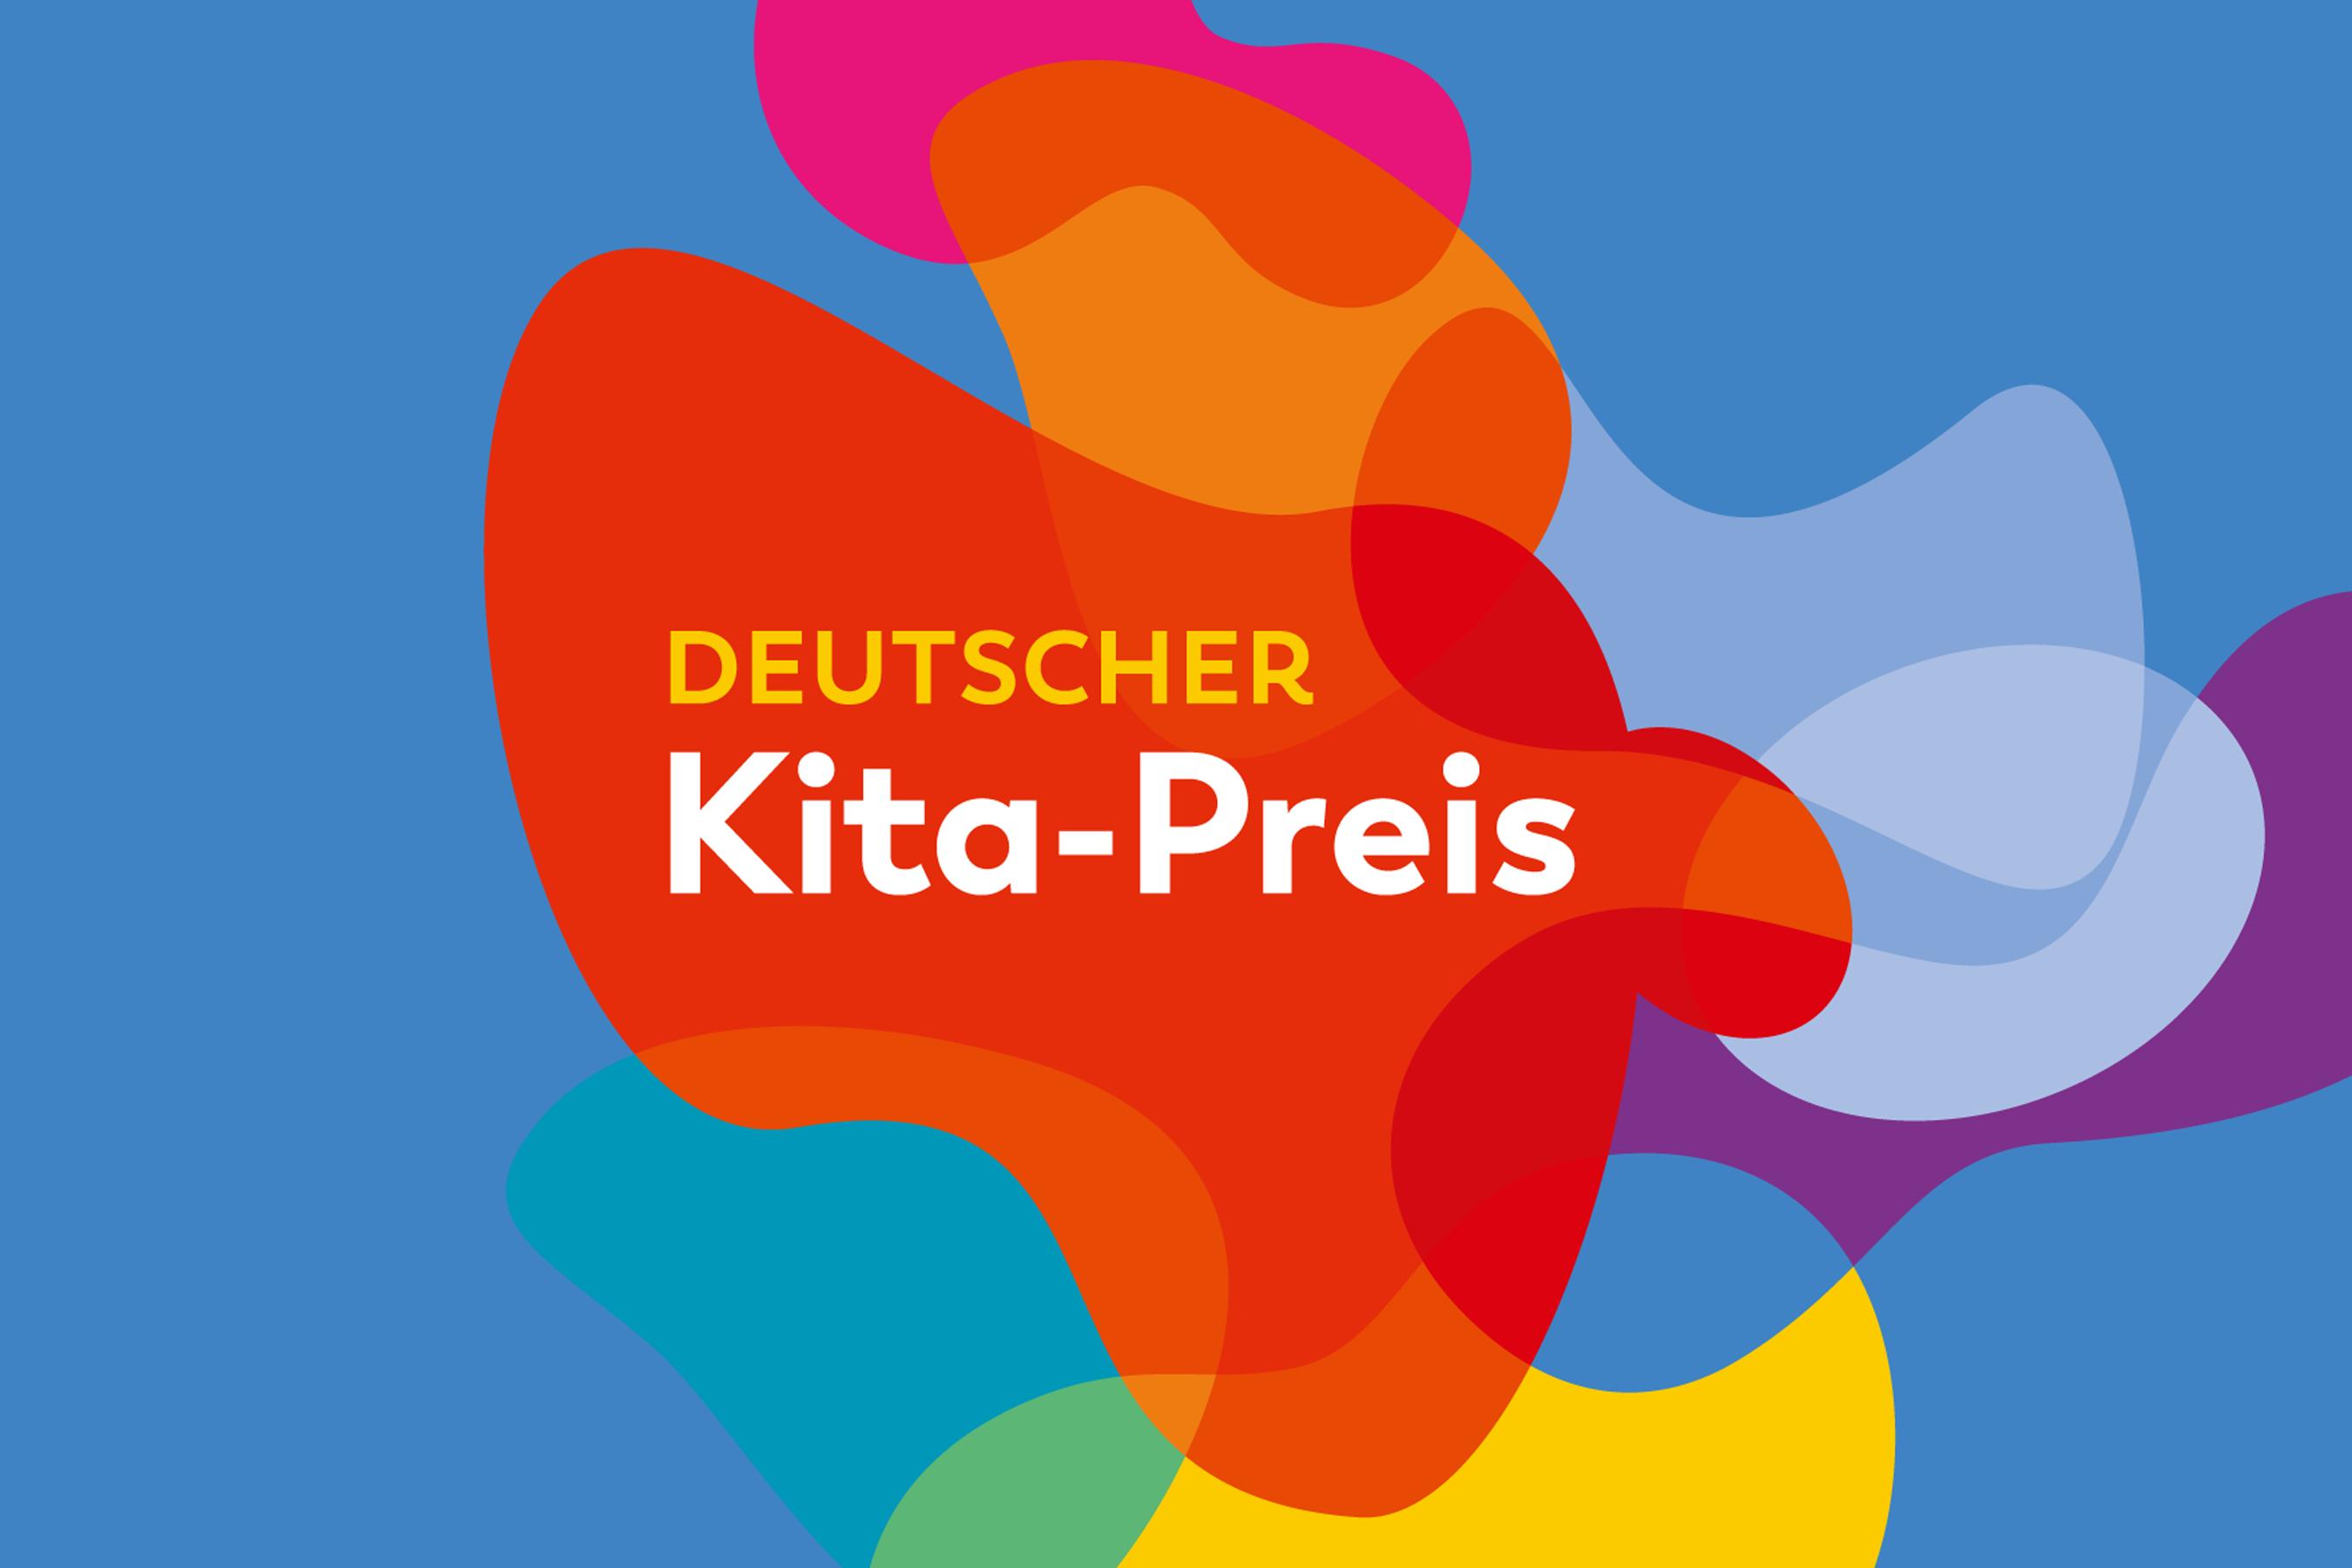 Bildergebnis für deutscher kitapreis bilder